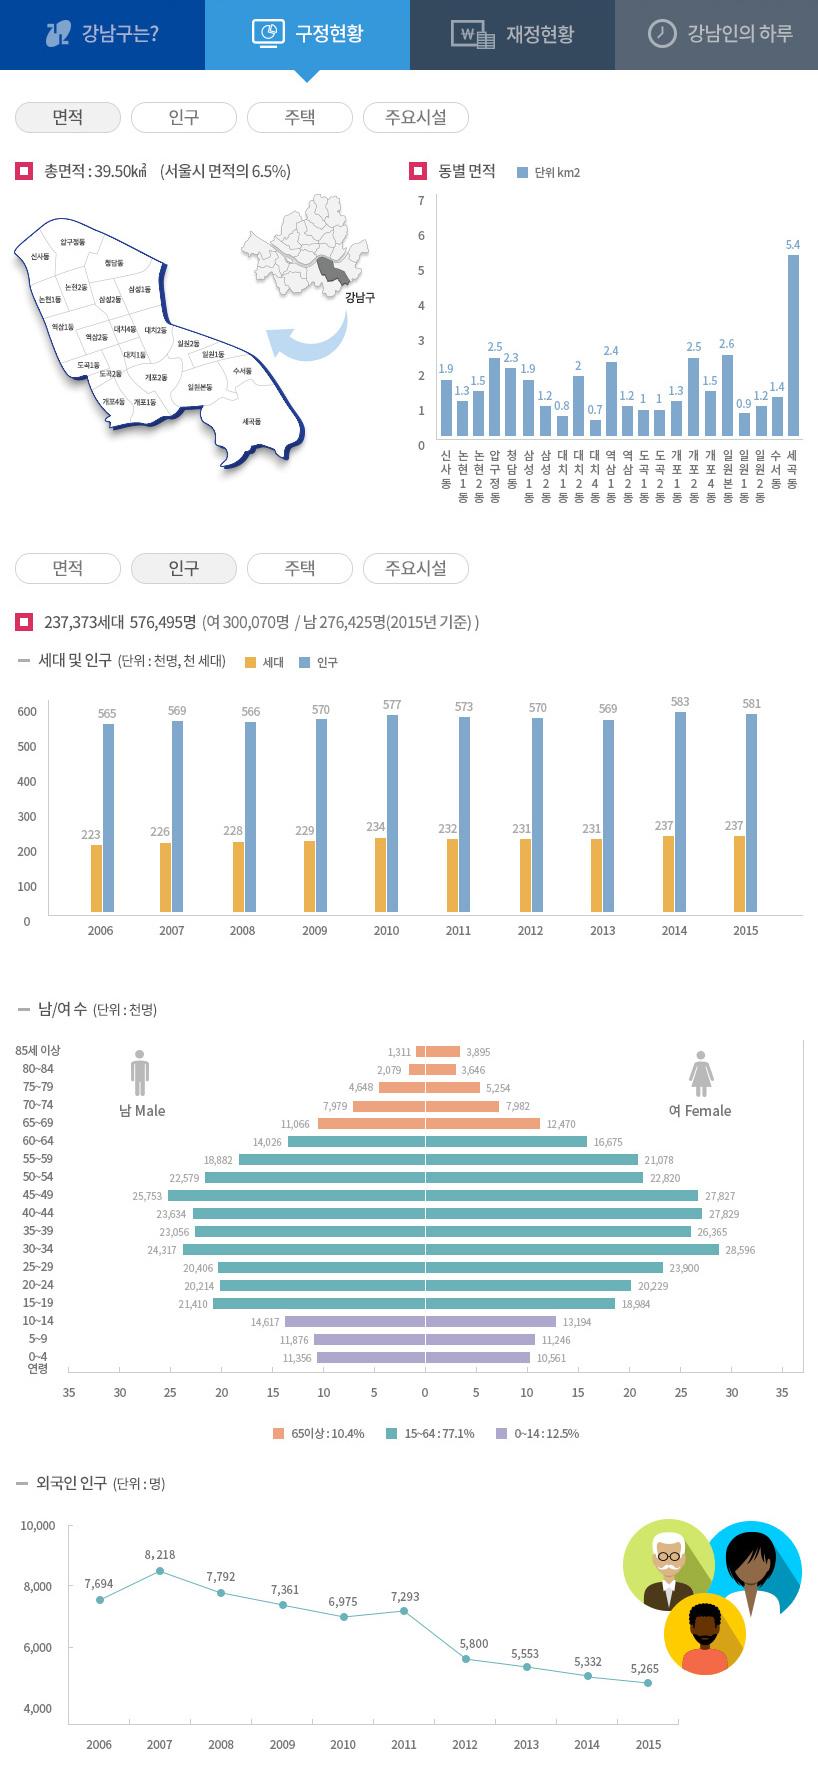 구정현황 면적/인구 자세한 내용은 아래 내용 참고